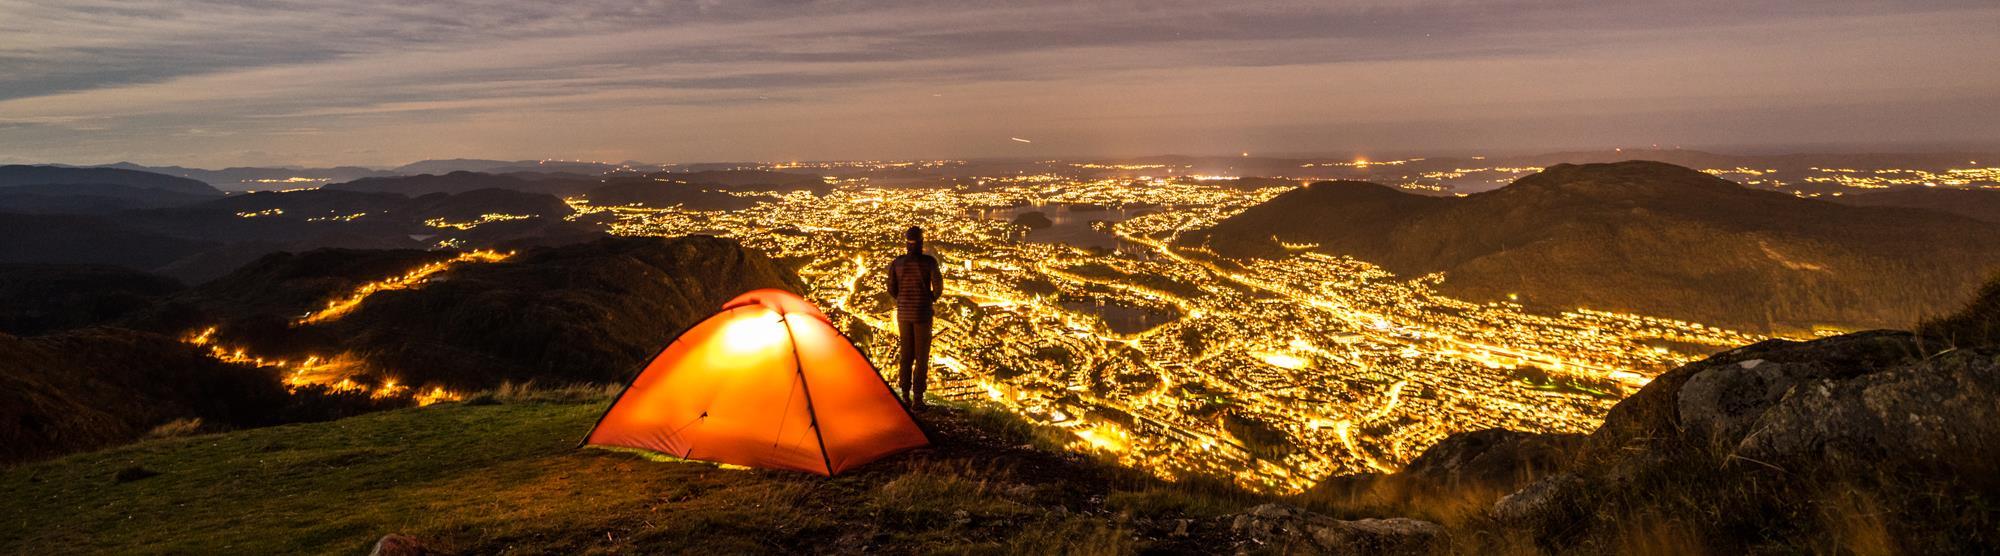 Campingplätze in Bergen, Norwegen